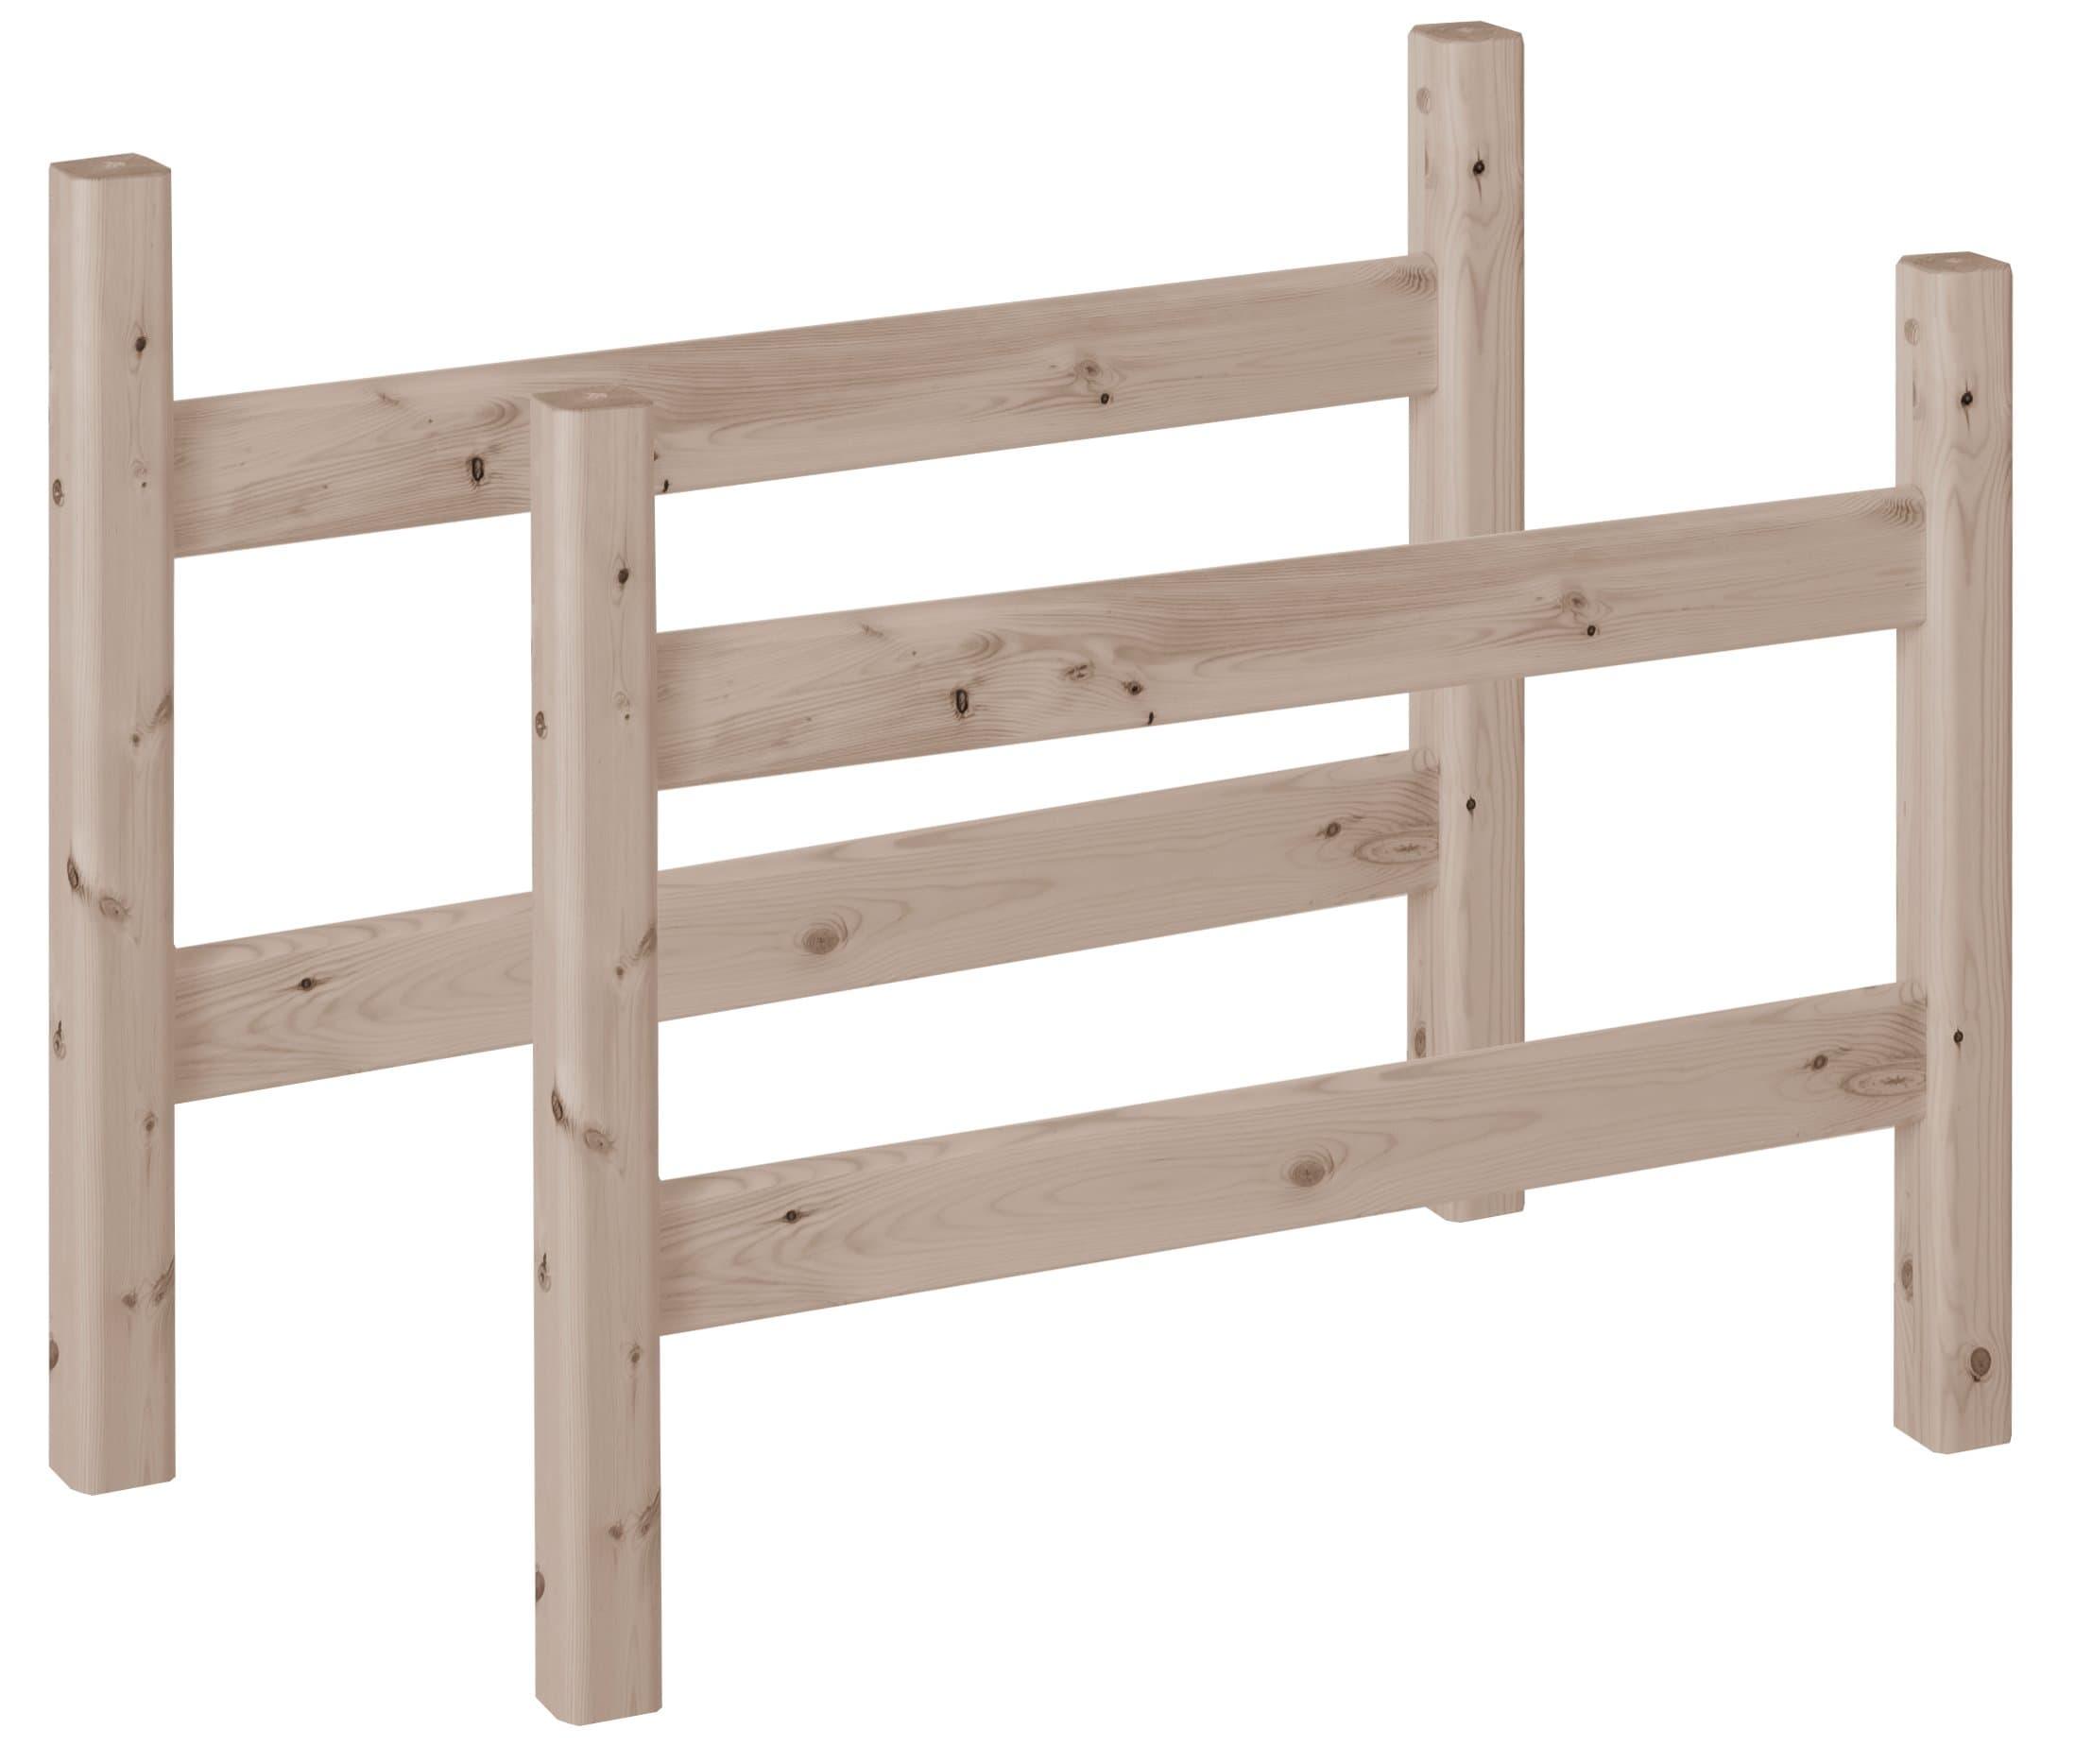 flexa flexa classic pfosten mittelhochbett migipedia. Black Bedroom Furniture Sets. Home Design Ideas